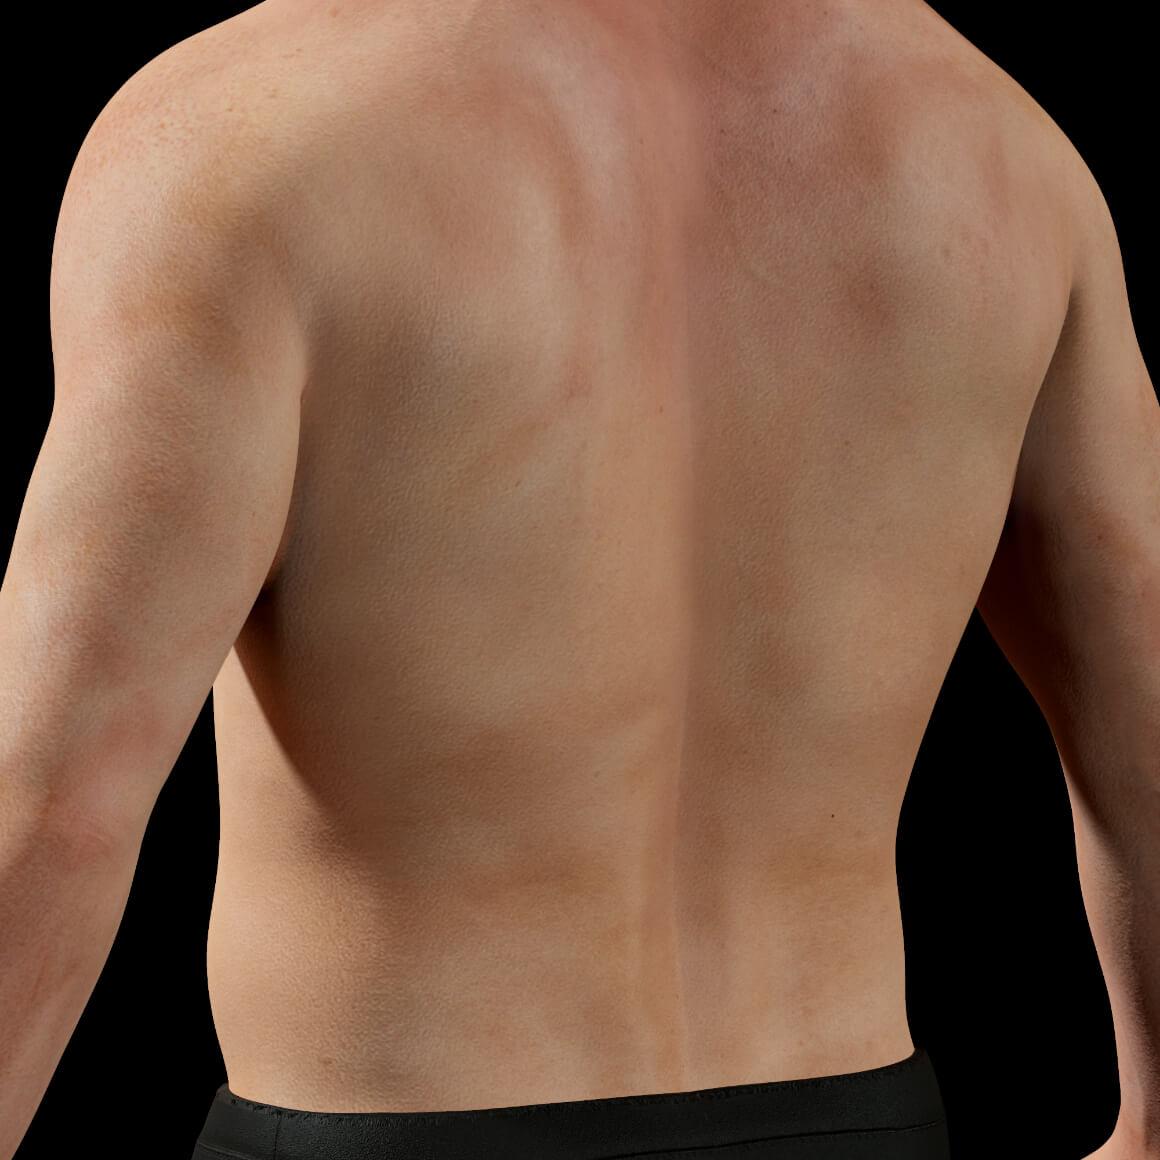 Vue antérieur en angle d'un patient de la Clinique Chloé après un traitement au laser Vbeam pour traiter des angiomes rubis